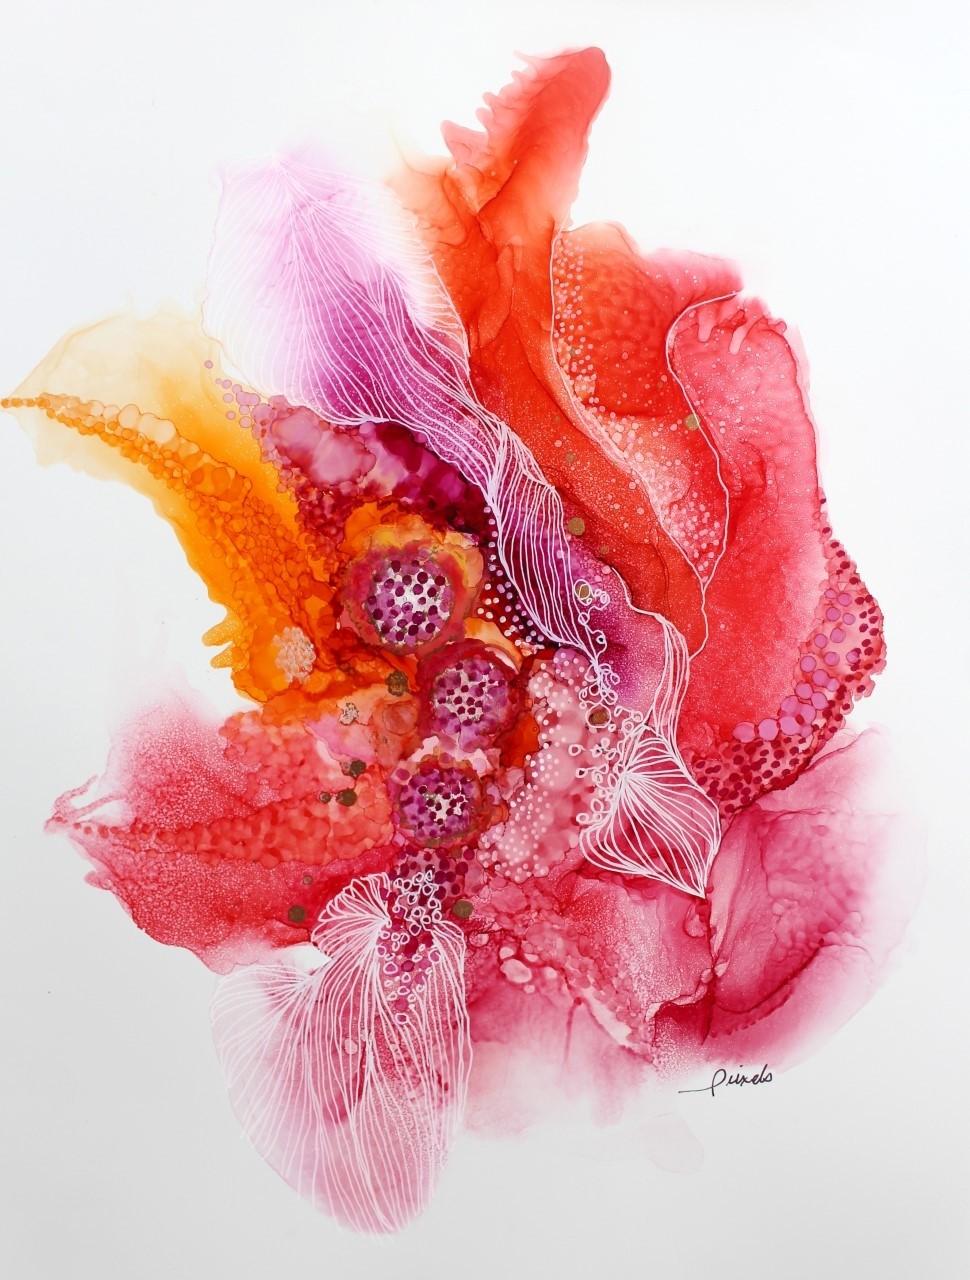 Rêver, de l'artiste Nancy Létourneau, Oeuvre sur papier Yupo, médium encre à l'alcool et acrylique, Création unique, dimension 20 x 16 de largeur